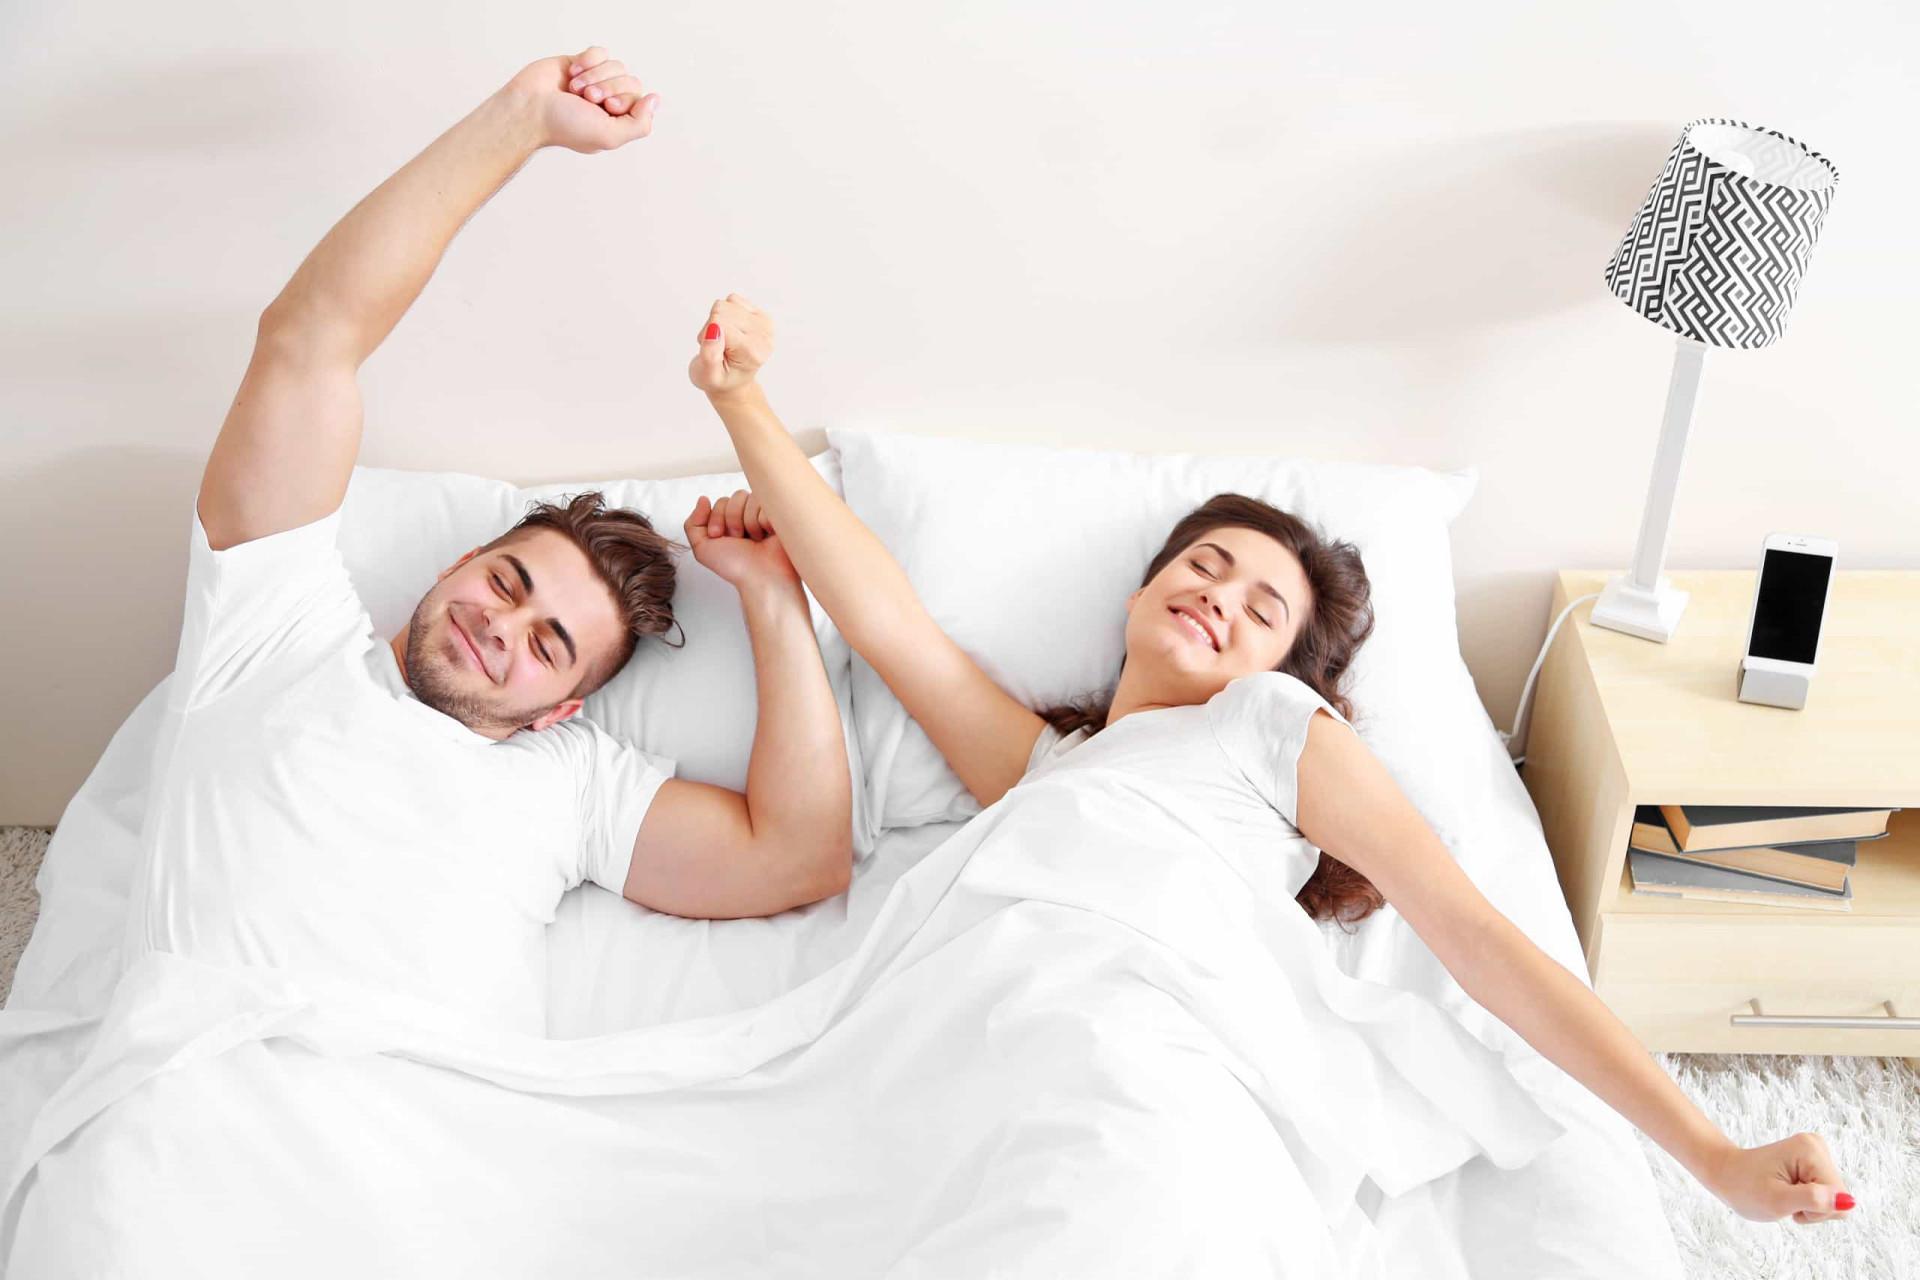 Os efeitos e riscos para a saúde de dormir demais